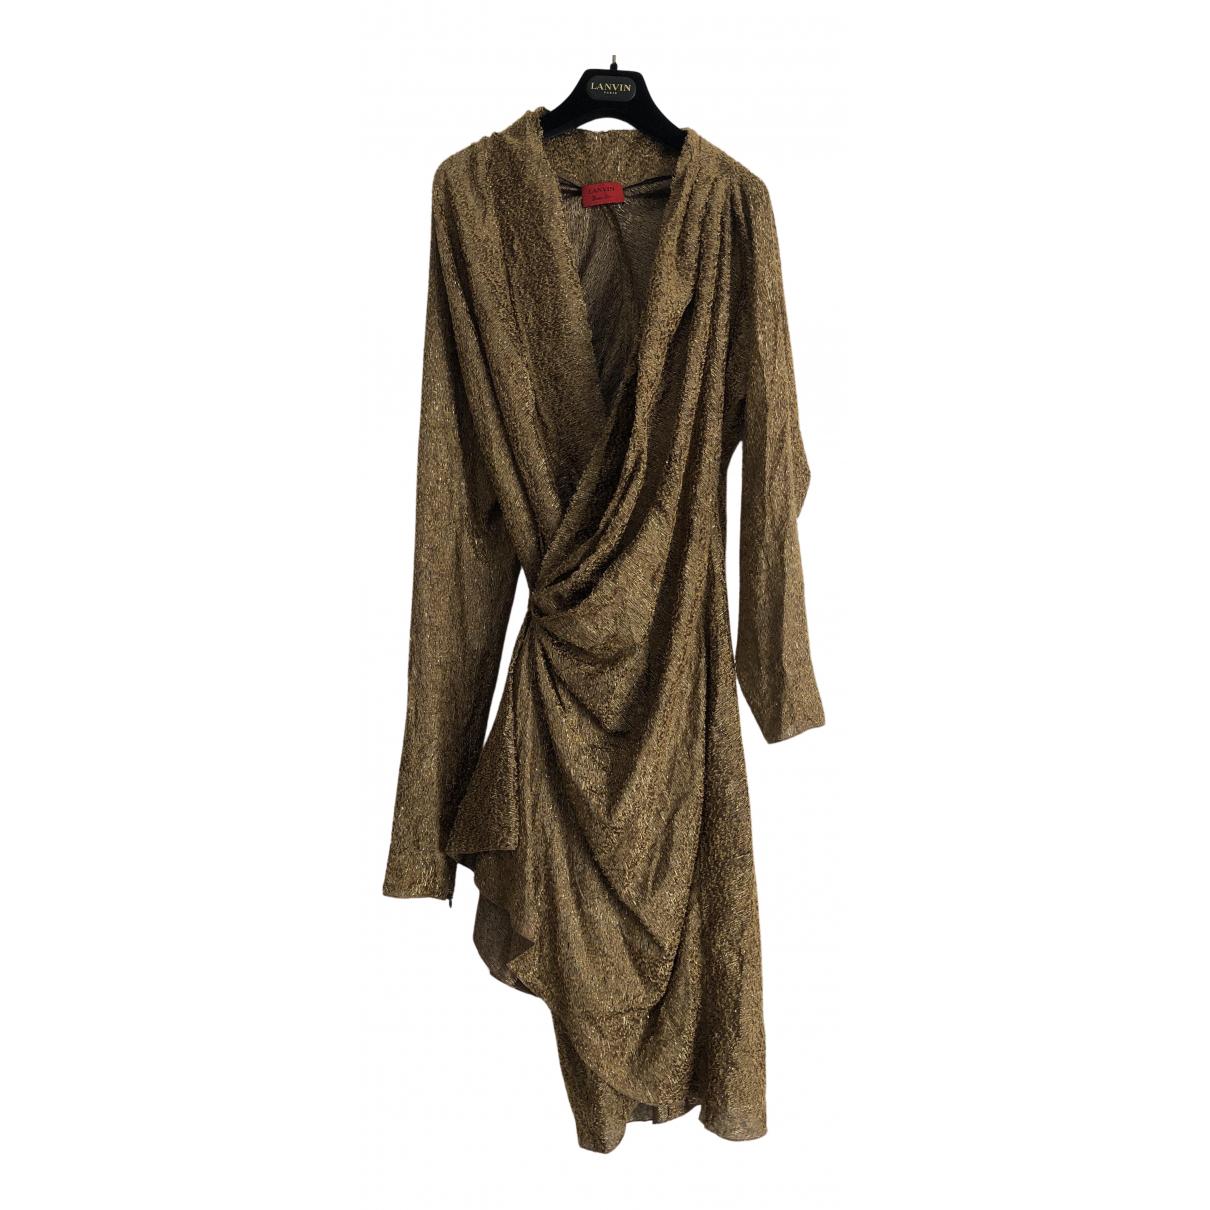 Lanvin \N Kleid in  Gold Viskose